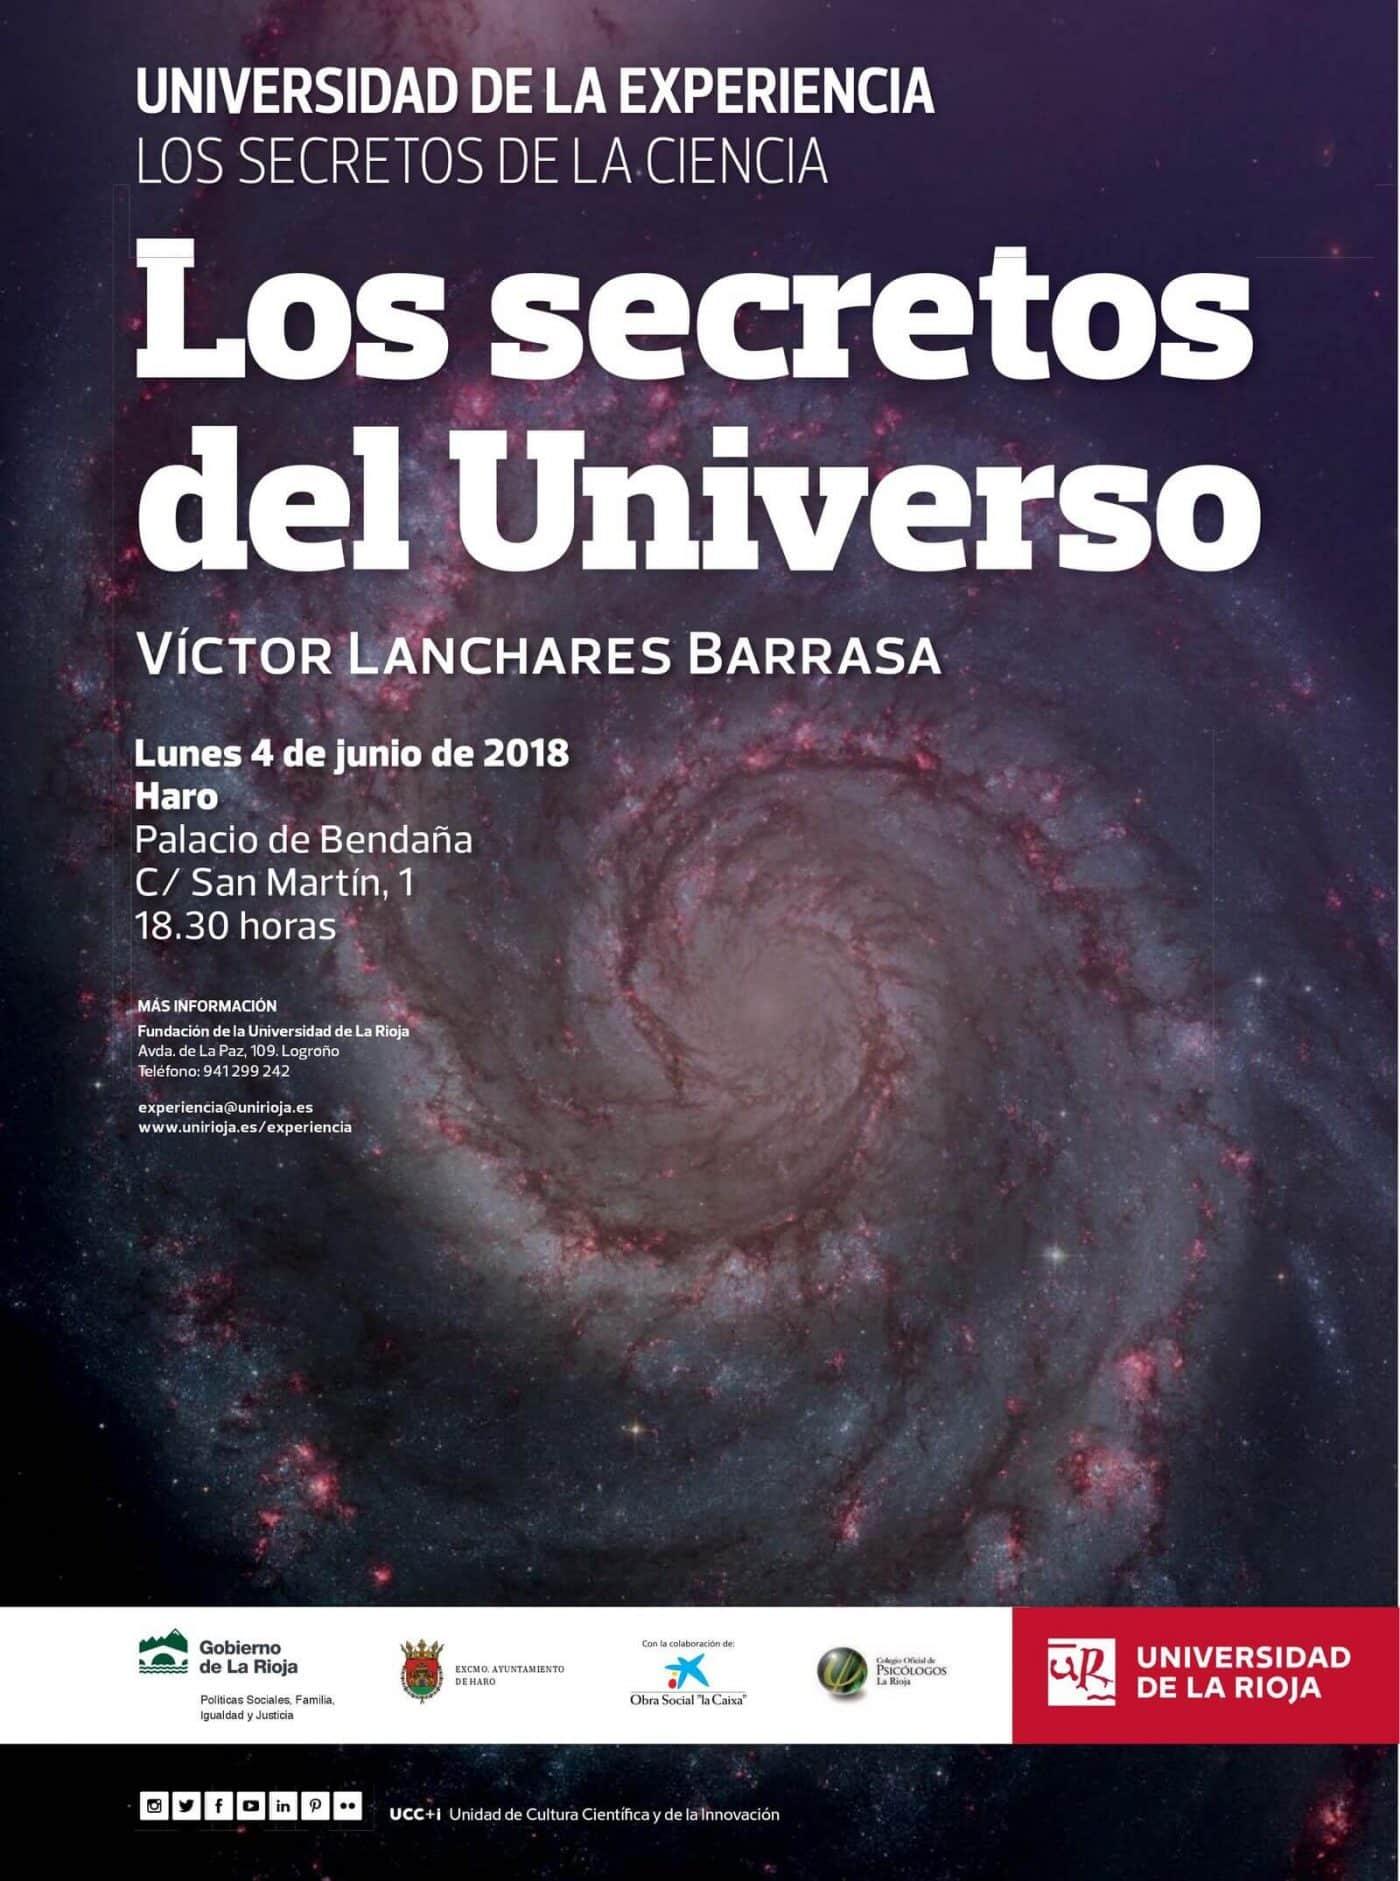 Conferencia sobre 'Los secretos del universo', el próximo 4 de junio en el Palacio de Bendaña 2